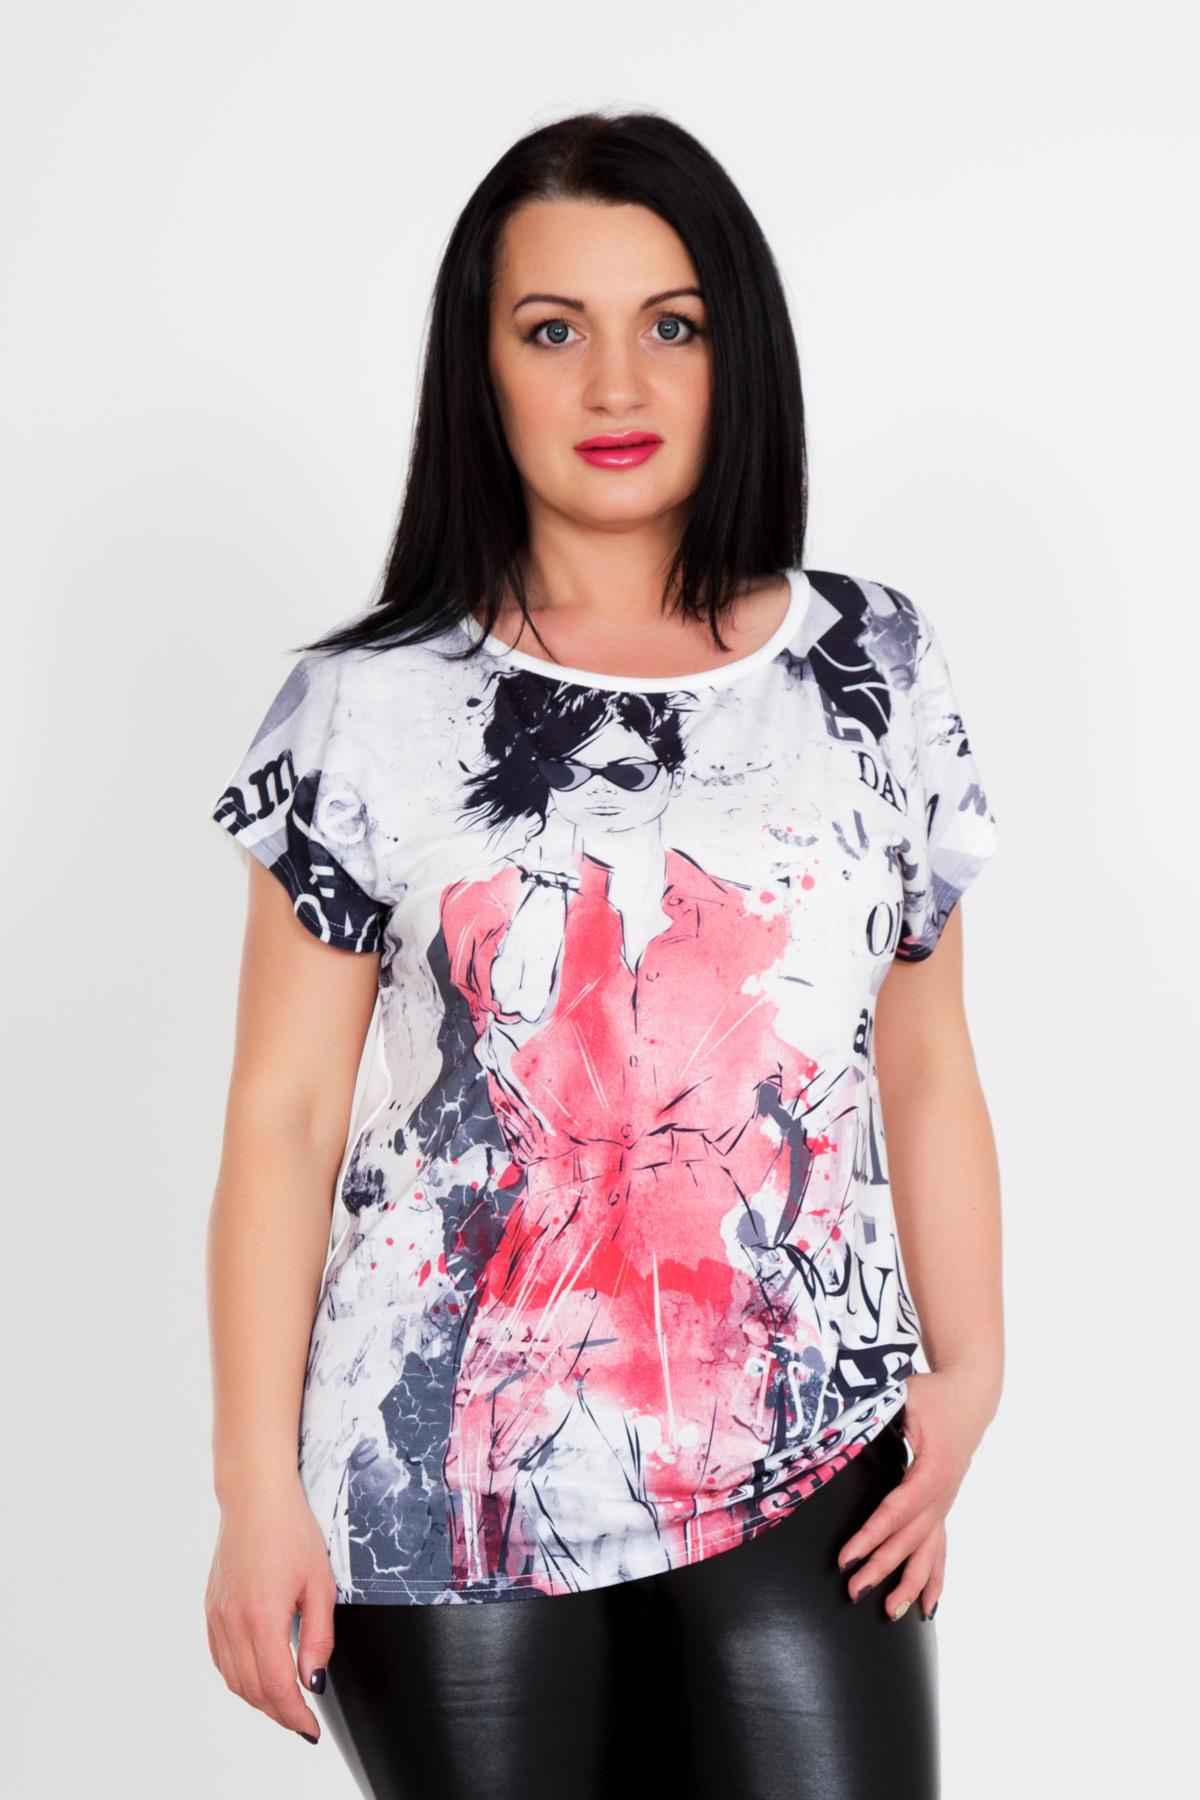 Жен. футболка Тори р. 46 тори озолс зависимая